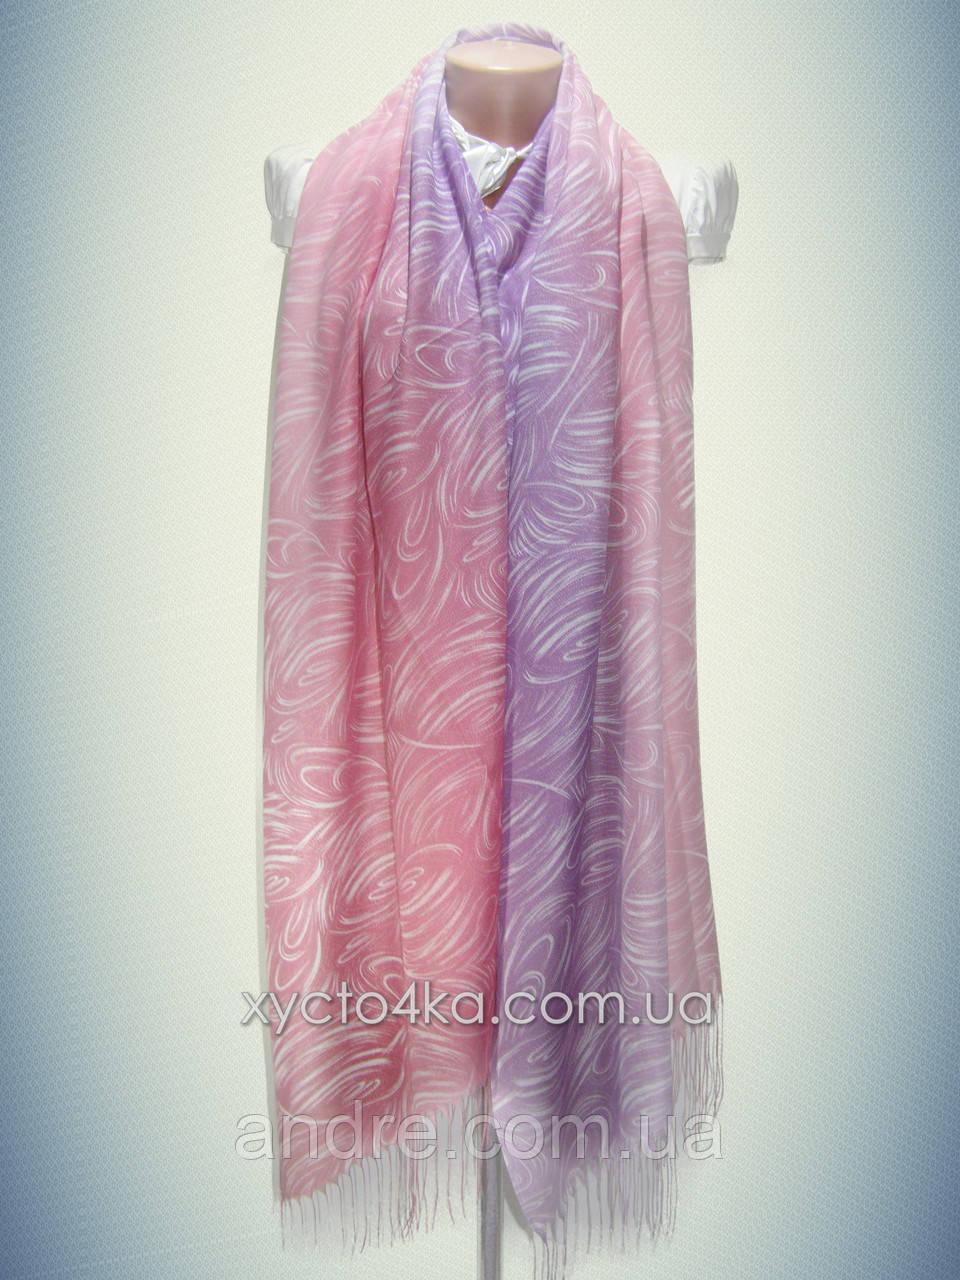 Лёгкий натуральный шарф Снеп, сиреневый